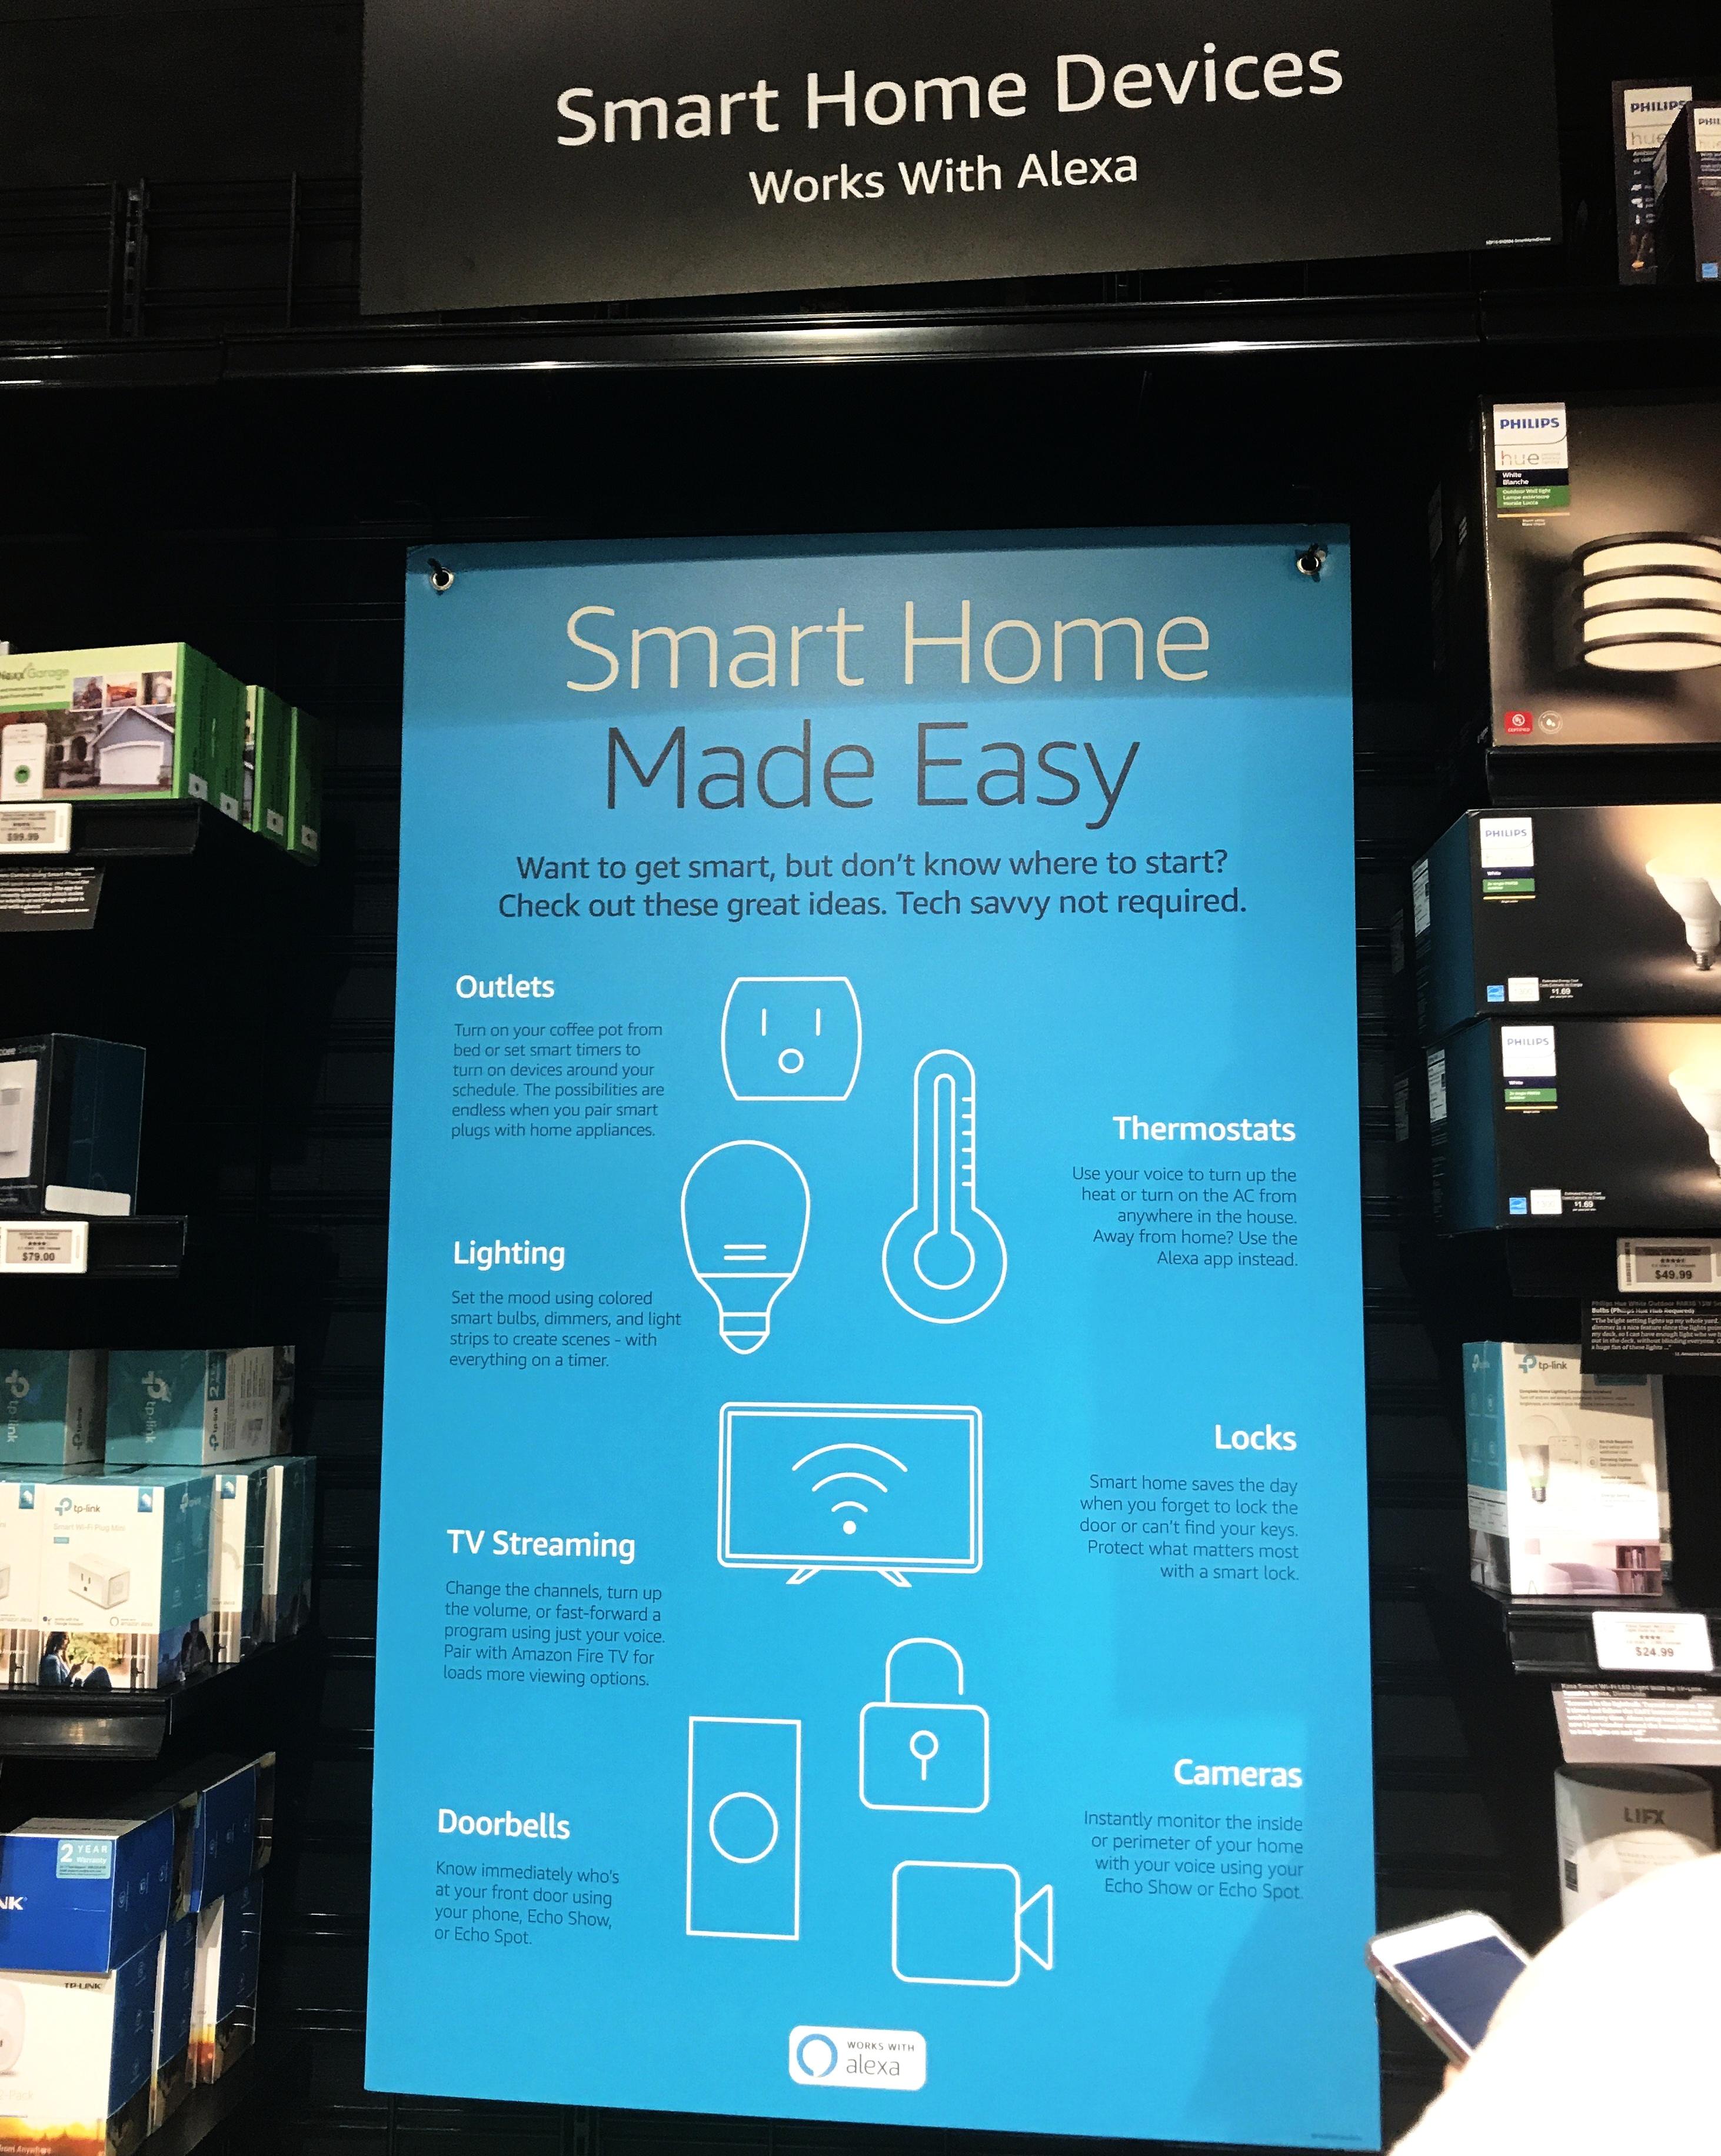 smart-home-made-easy-alexa